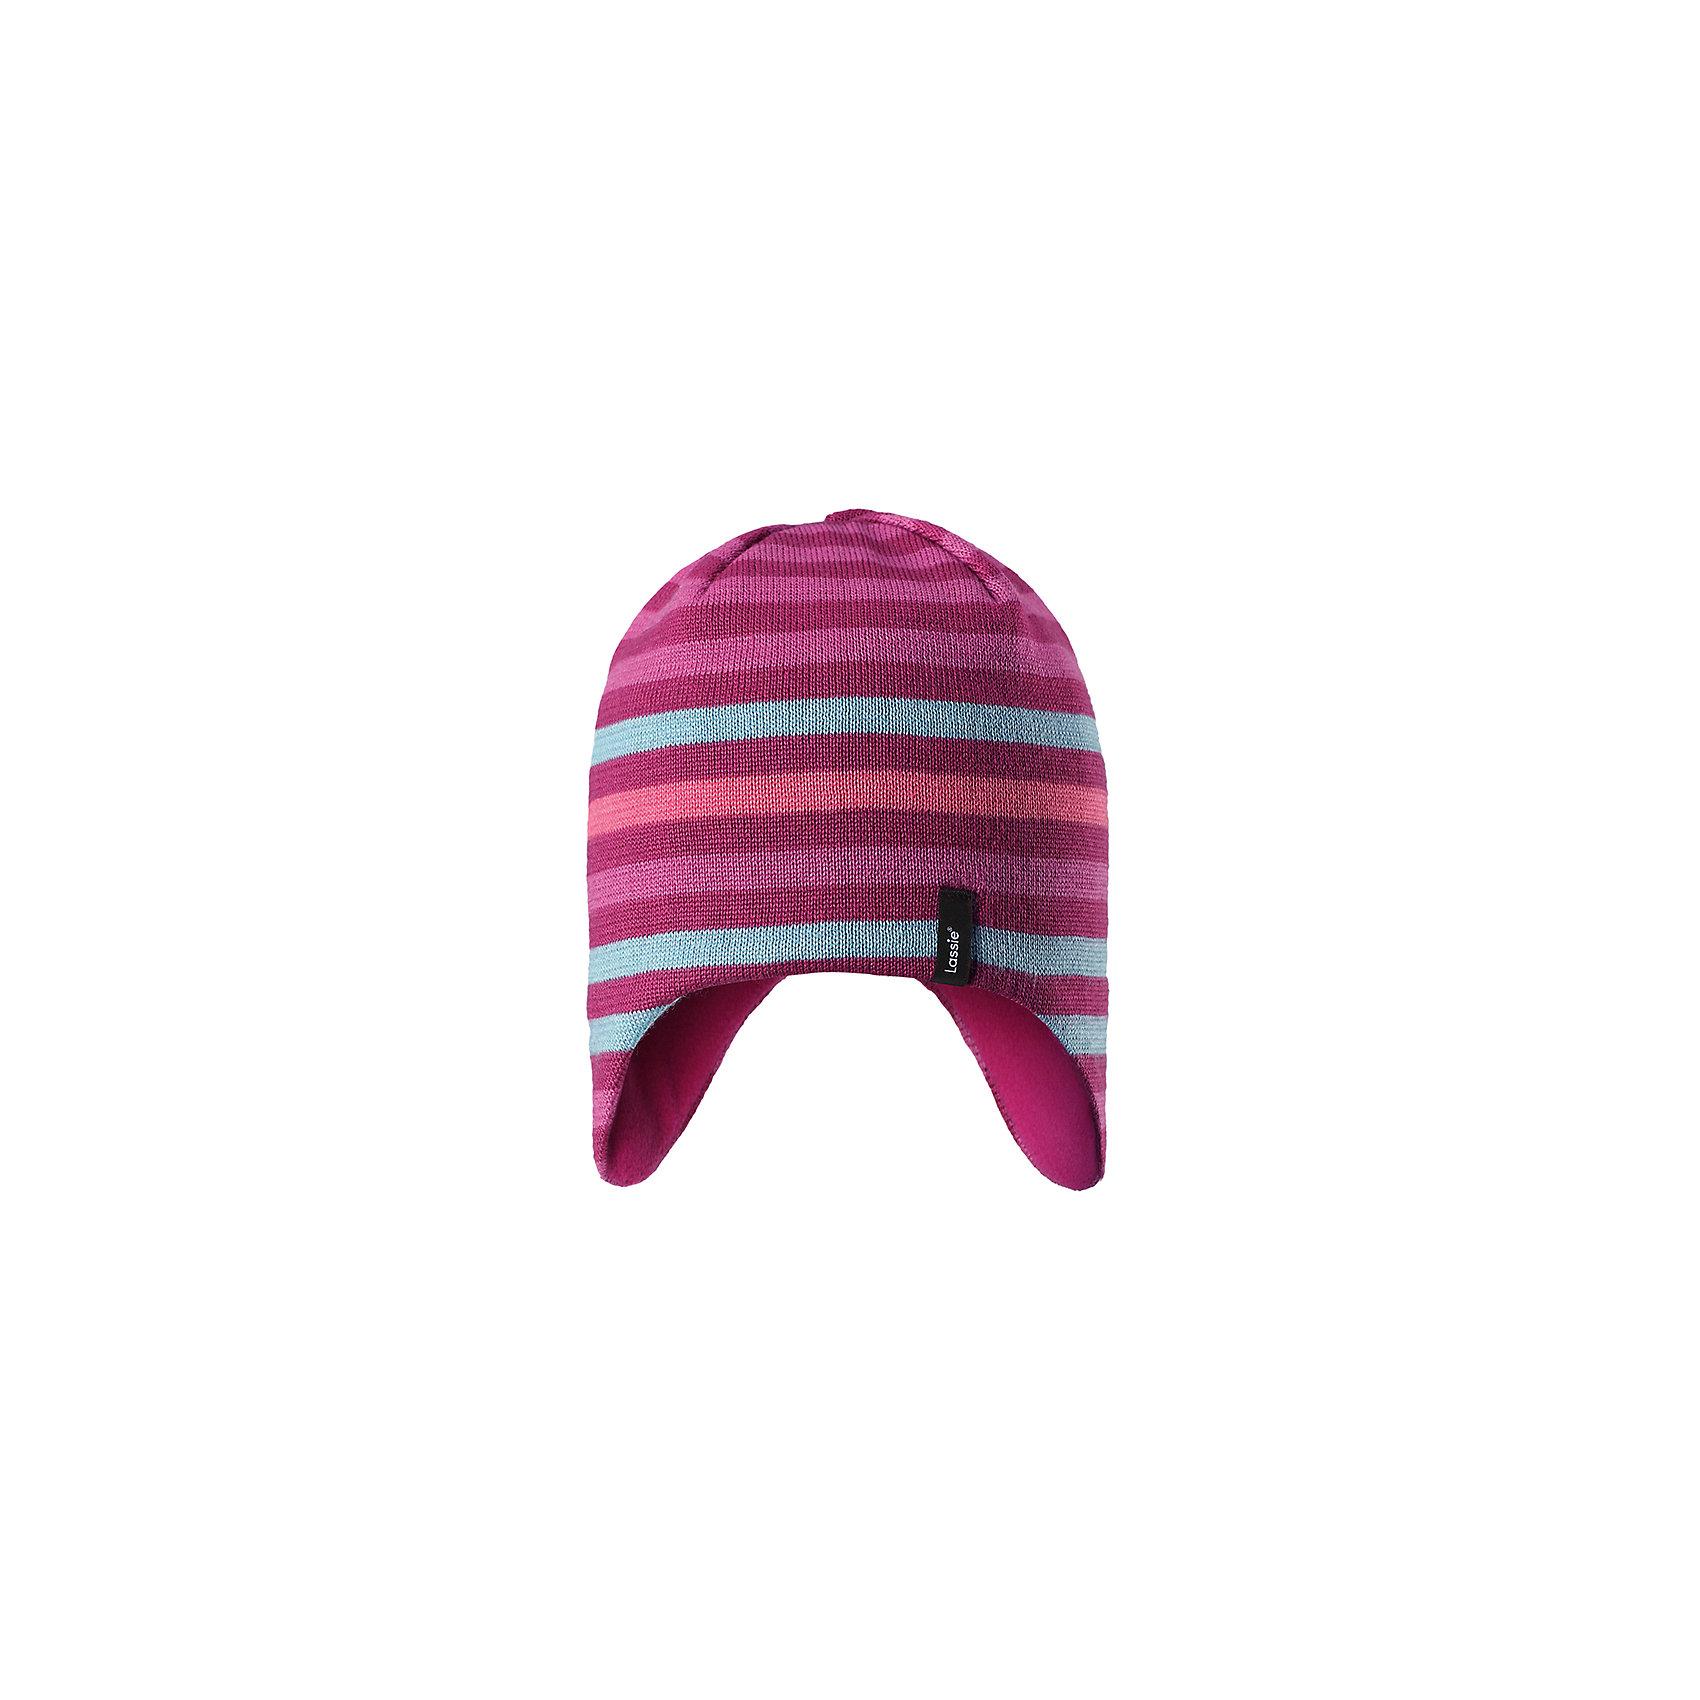 Шапка LassieЗимние<br>Характеристики товара:<br><br>• цвет: розовый;<br>• состав: 50% шерсть, 50% полиакрил;<br>• подкладка: 100% полиэстер, флис;<br>• без утеплителя;<br>• сезон: демисезон;<br>• температурный режим: от +5С;<br>• особенности: шерстяная, вязаная;<br>• мягкая и теплая ткань из смеси шерсти;<br>• ветронепроницаемые вставки в области ушей; <br>• сплошная подкладка: мягкий теплый флис;<br>• светоотражающие детали; <br>• страна бренда: Финляндия;<br>• страна изготовитель: Китай;<br><br>Эта теплая детская шапка в яркую полоску связана из теплой полушерсти и дополнена плотной и мягкой подкладкой из тонкого флиса. Ветронепроницаемые вставки в области ушей обеспечивают дополнительную защиту, а светоотражающая эмблема Lassie® позволяет лучше разглядеть ребенка в темное время суток.<br><br>Шапку Lassie (Ласси) можно купить в нашем интернет-магазине.<br><br>Ширина мм: 89<br>Глубина мм: 117<br>Высота мм: 44<br>Вес г: 155<br>Цвет: розовый<br>Возраст от месяцев: 36<br>Возраст до месяцев: 72<br>Пол: Унисекс<br>Возраст: Детский<br>Размер: 50-52,54-56,46-48<br>SKU: 6928141